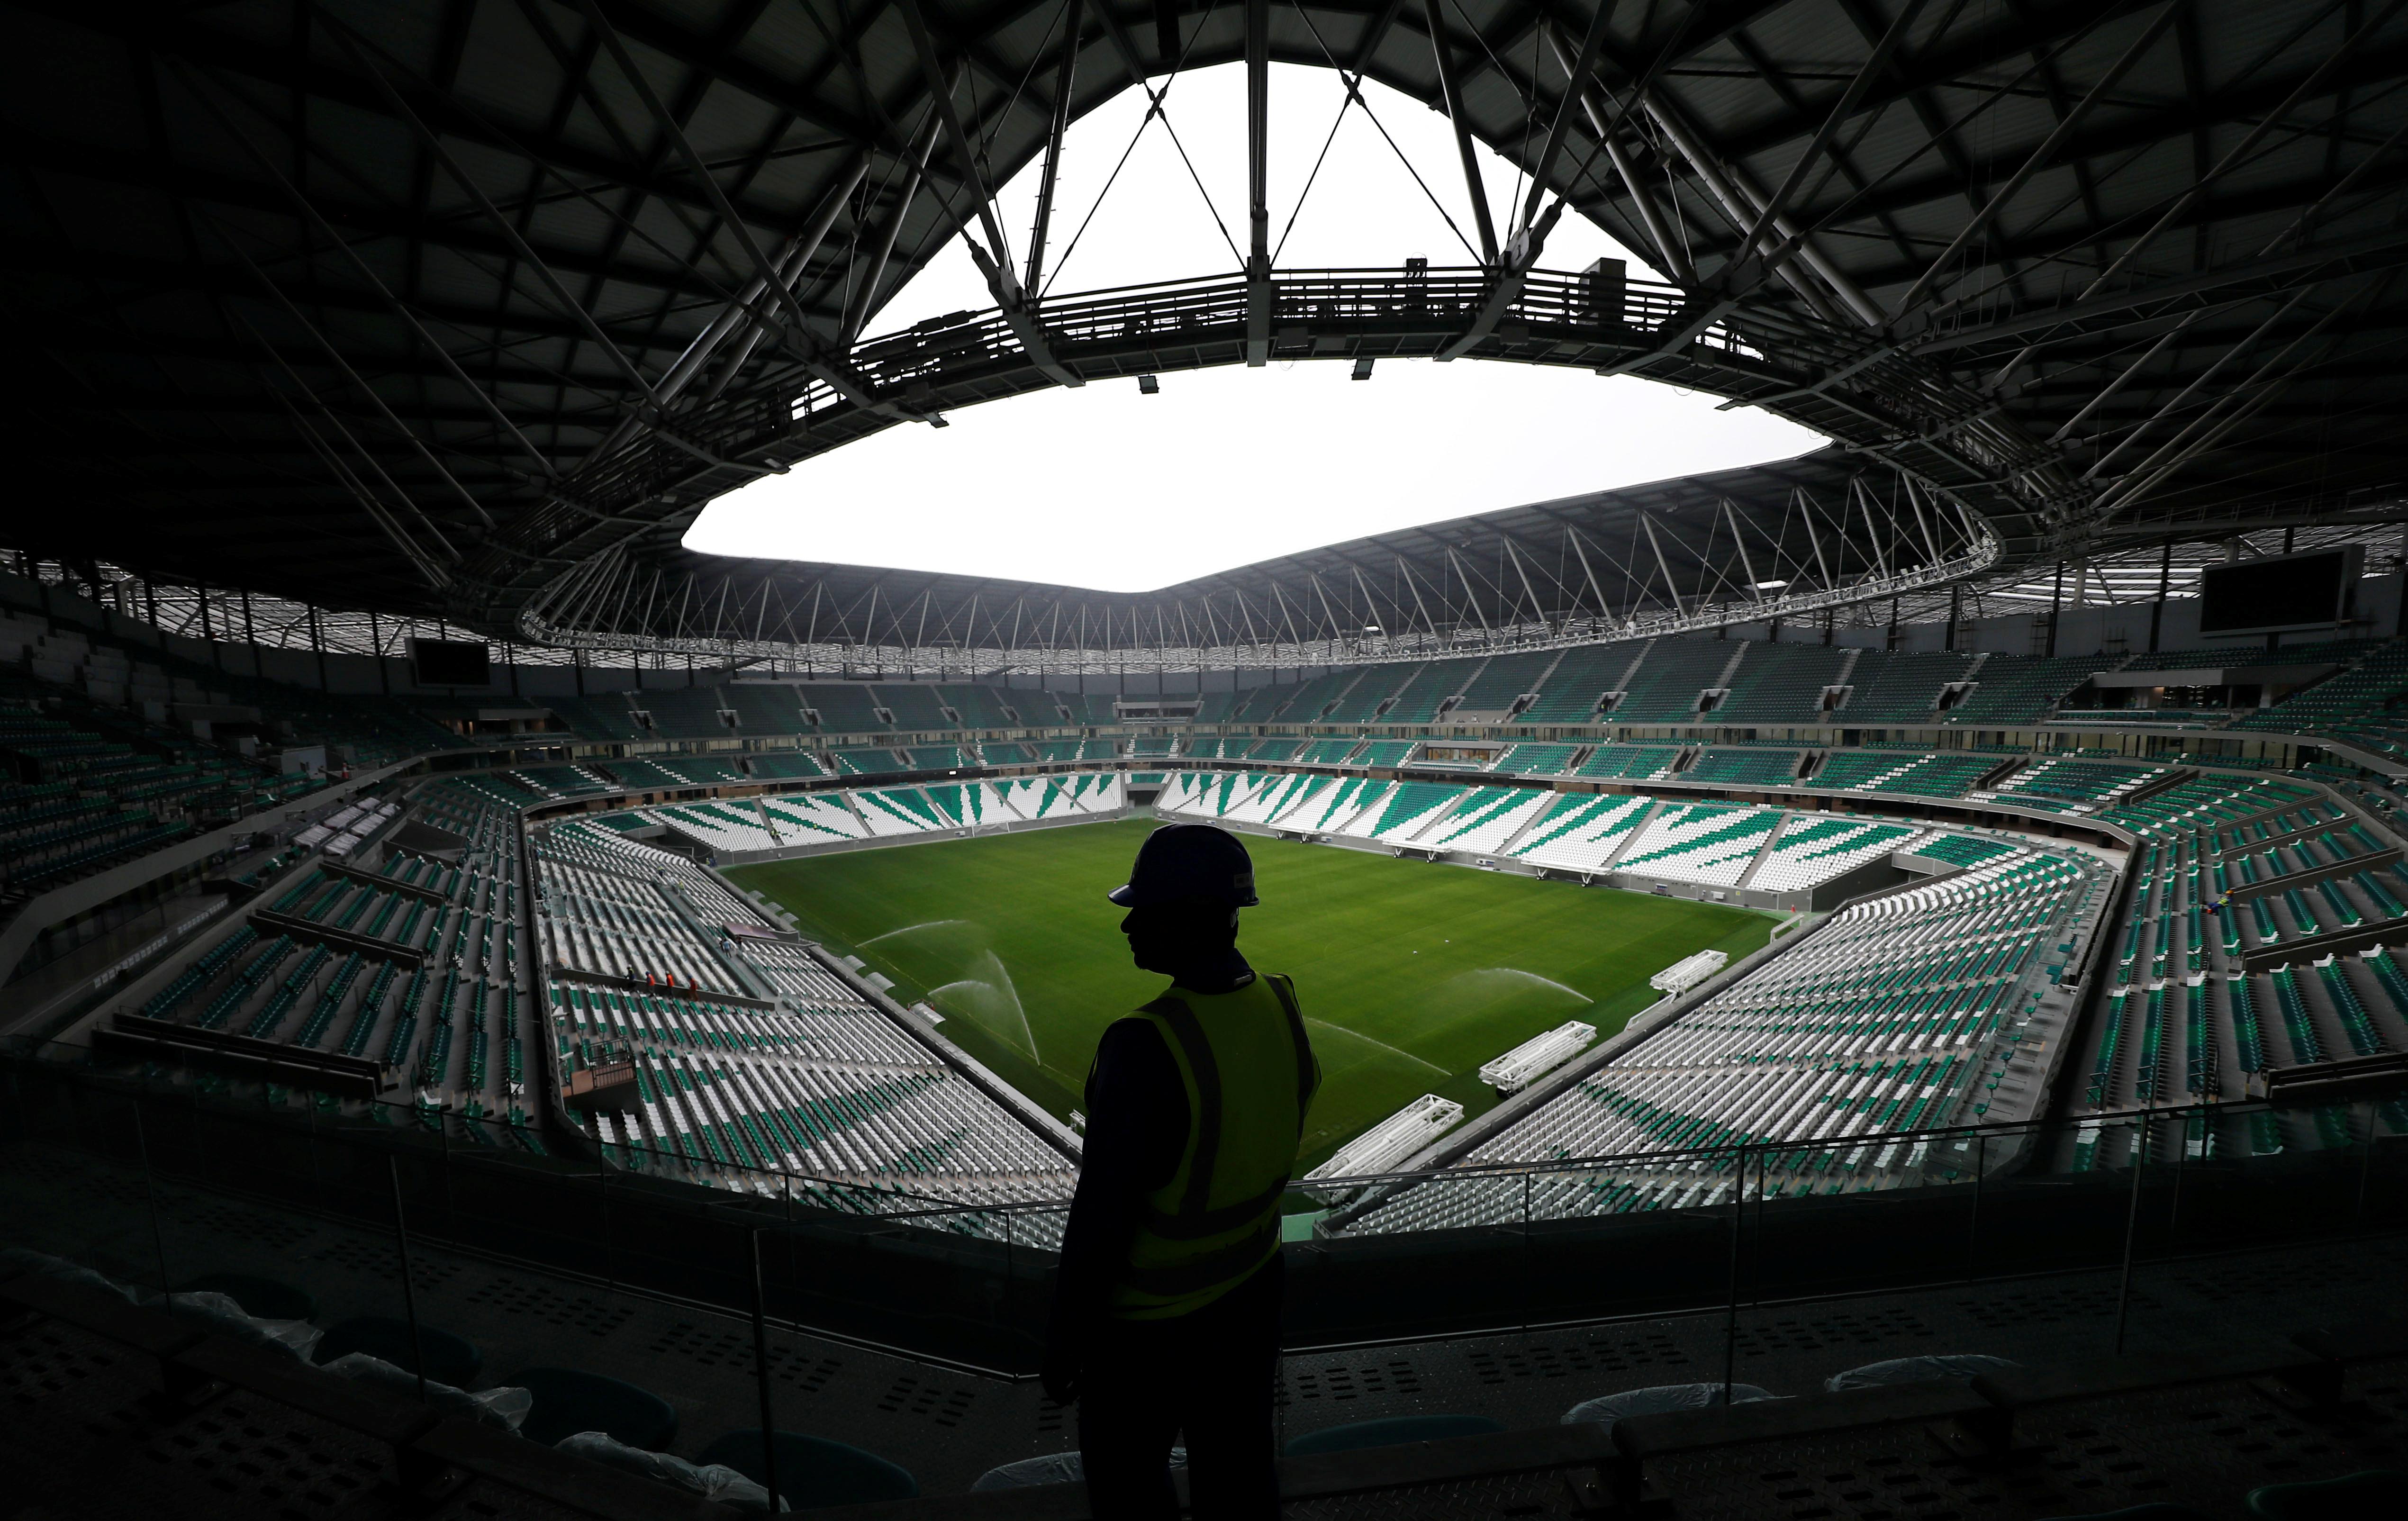 Un estadio con capacidad para 40 mil personas y refrigeración a energía solar será inaugurado el próximo 15 de junio en Qatar, sede de la próxima Copa del Mundo 2022